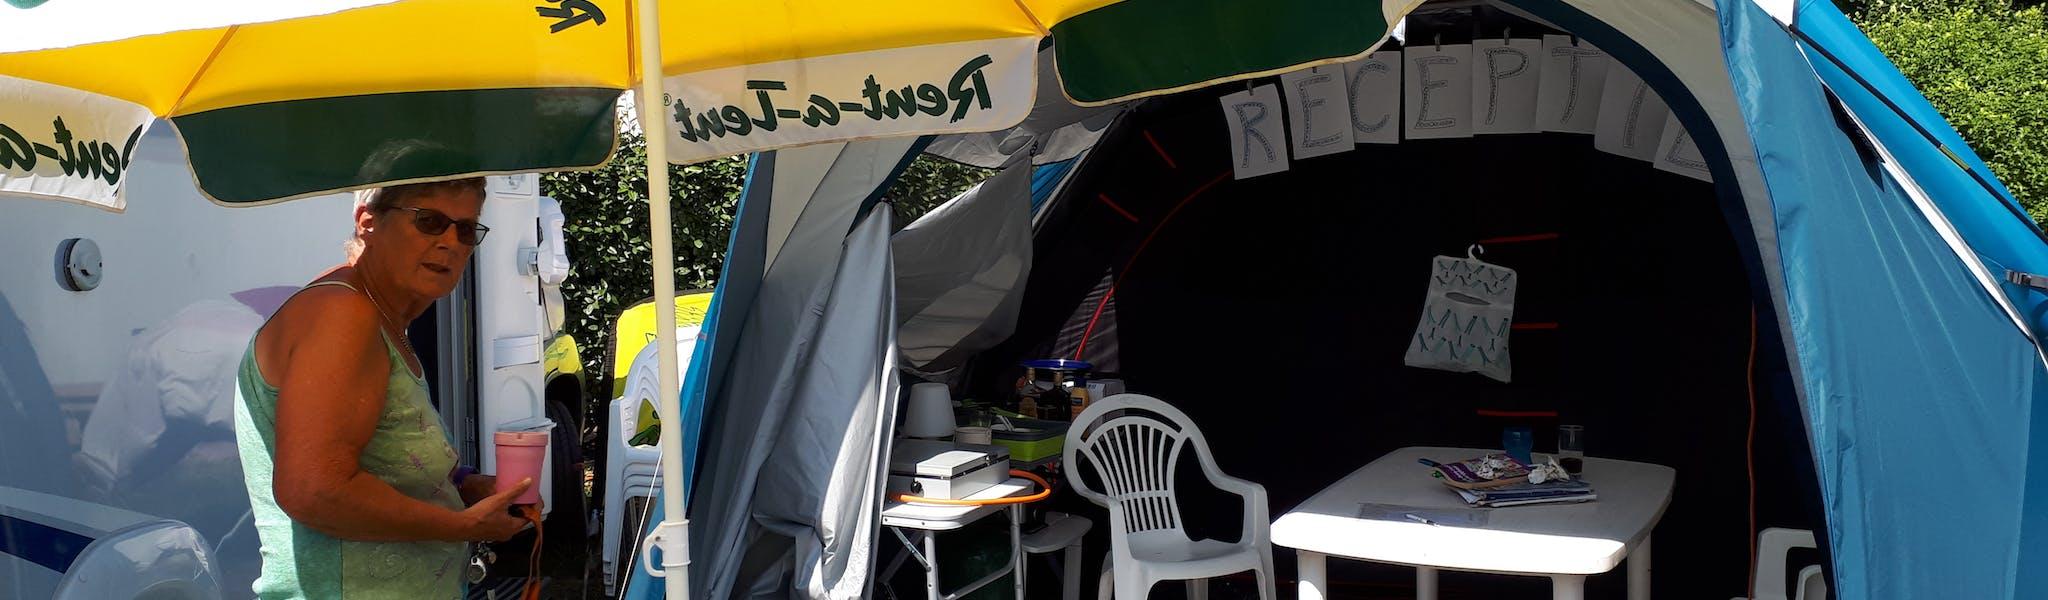 Annemie Camping Les Ecureuils